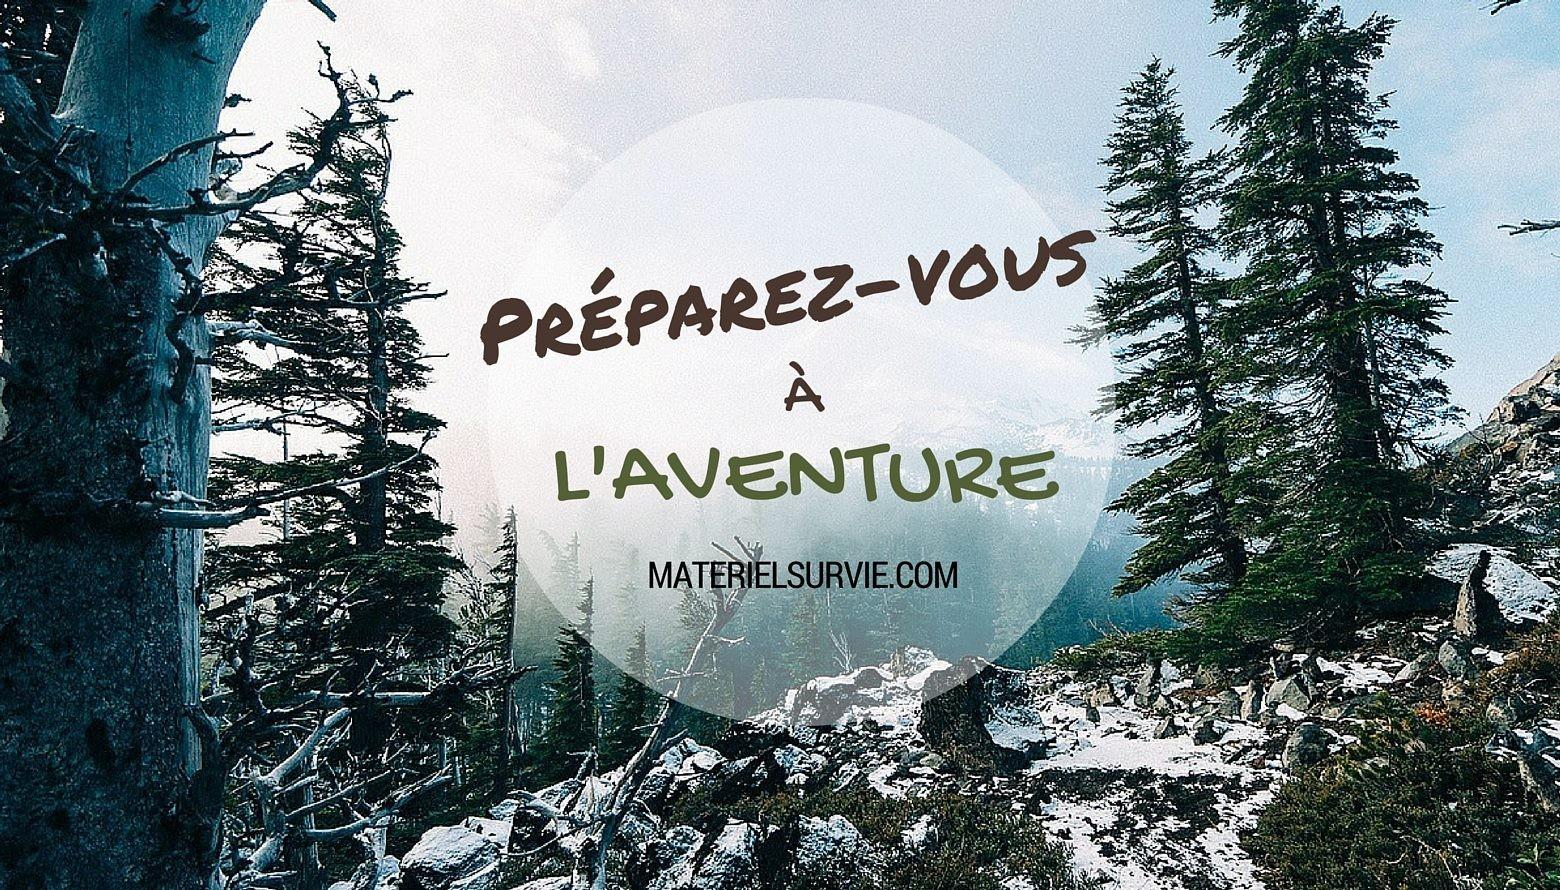 Préparez vous à l'aventure avec matériel survie